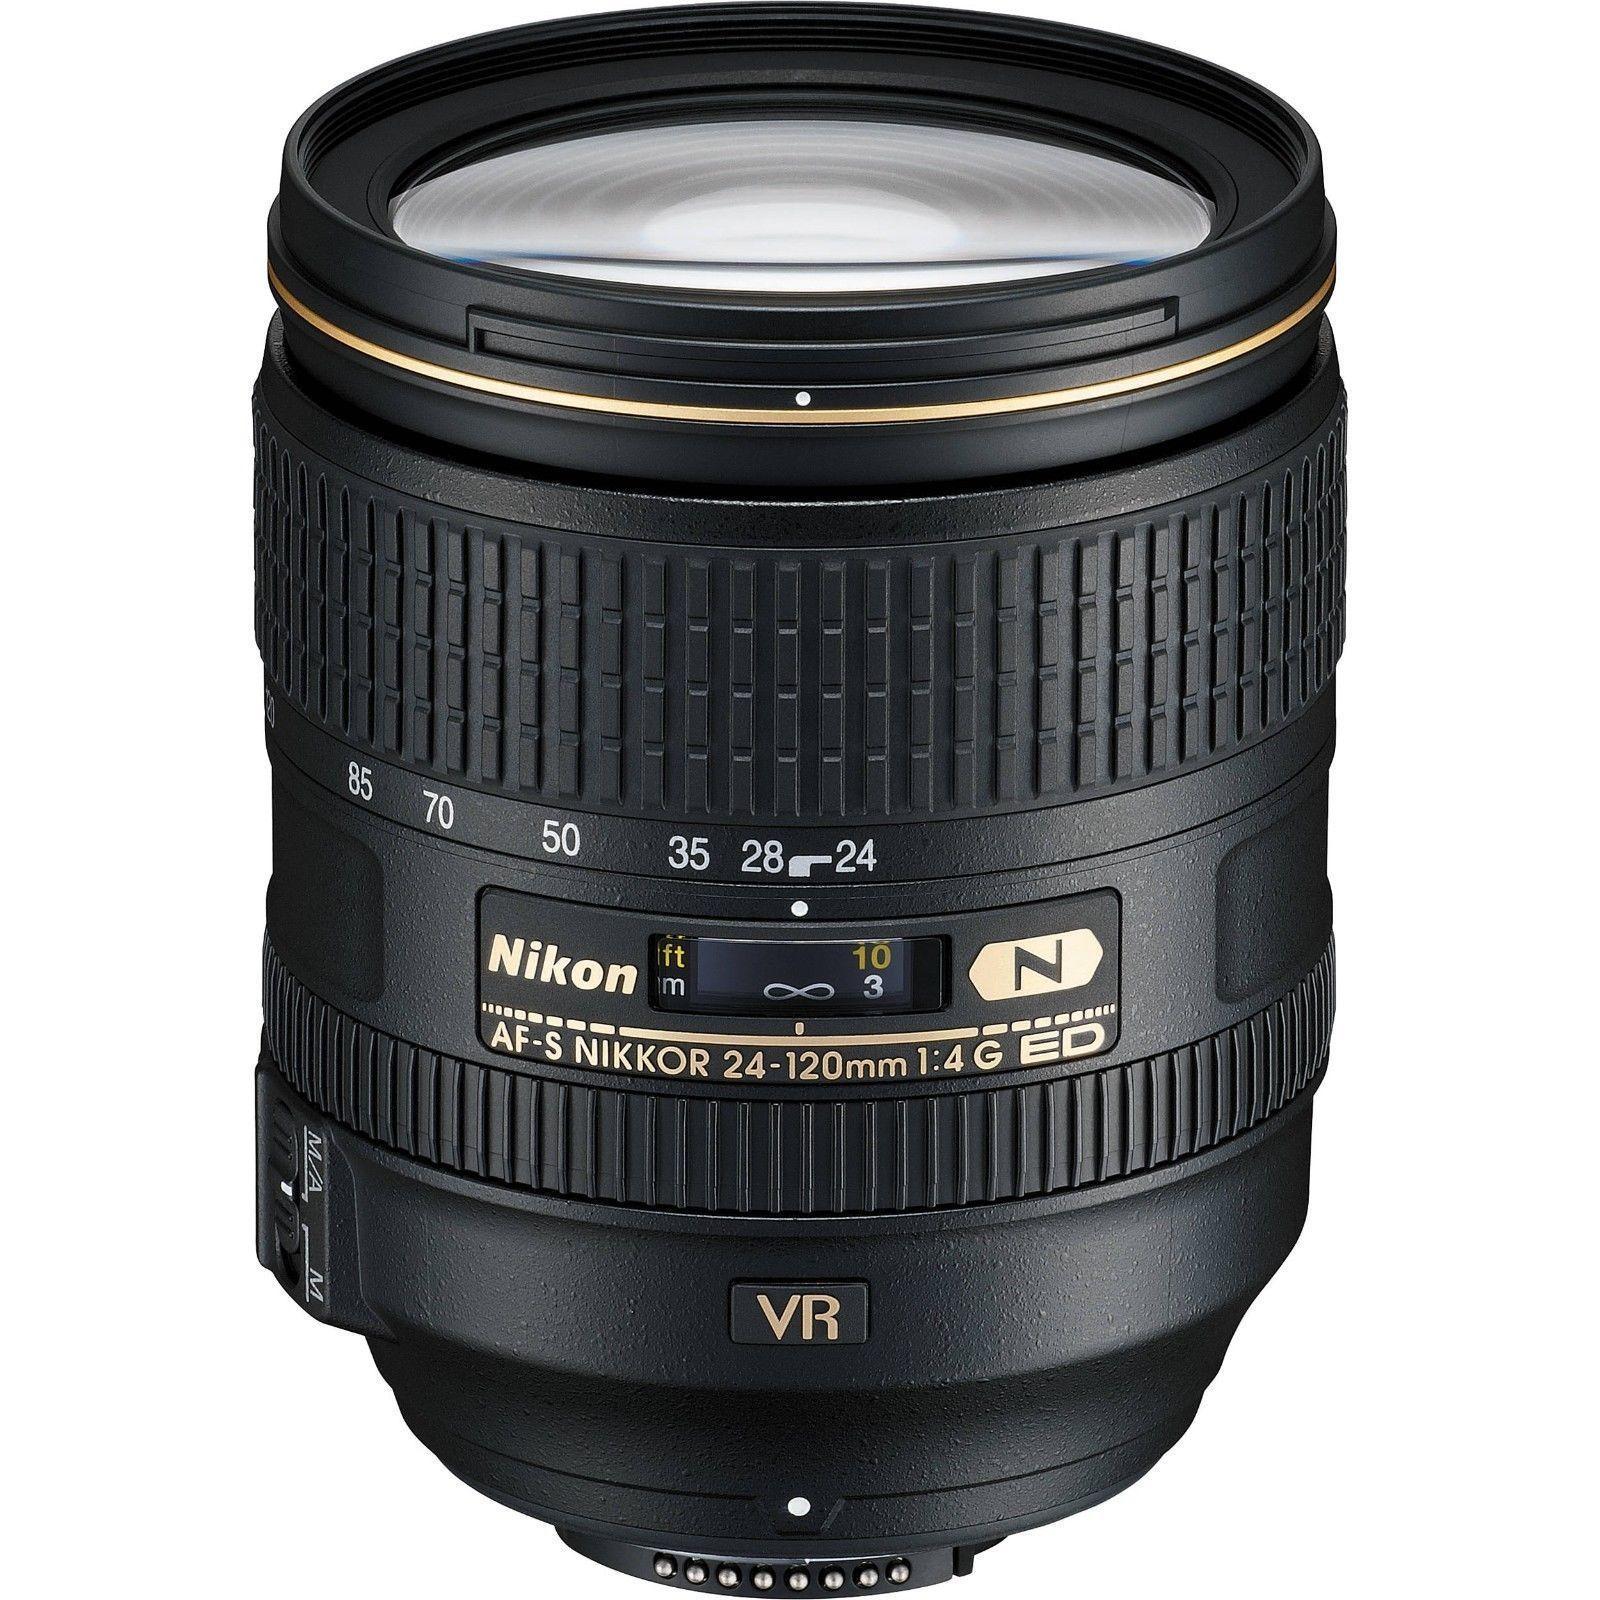 Nikon 24 120mm F 4g Ed Vr Af S Nikkor Lens For Nikon Dslr Brand New Product Description The Af S Nikkor 24 120mm F 4g Ed Vr Zo Nikon Lenses Vr Lens Nikon Dslr